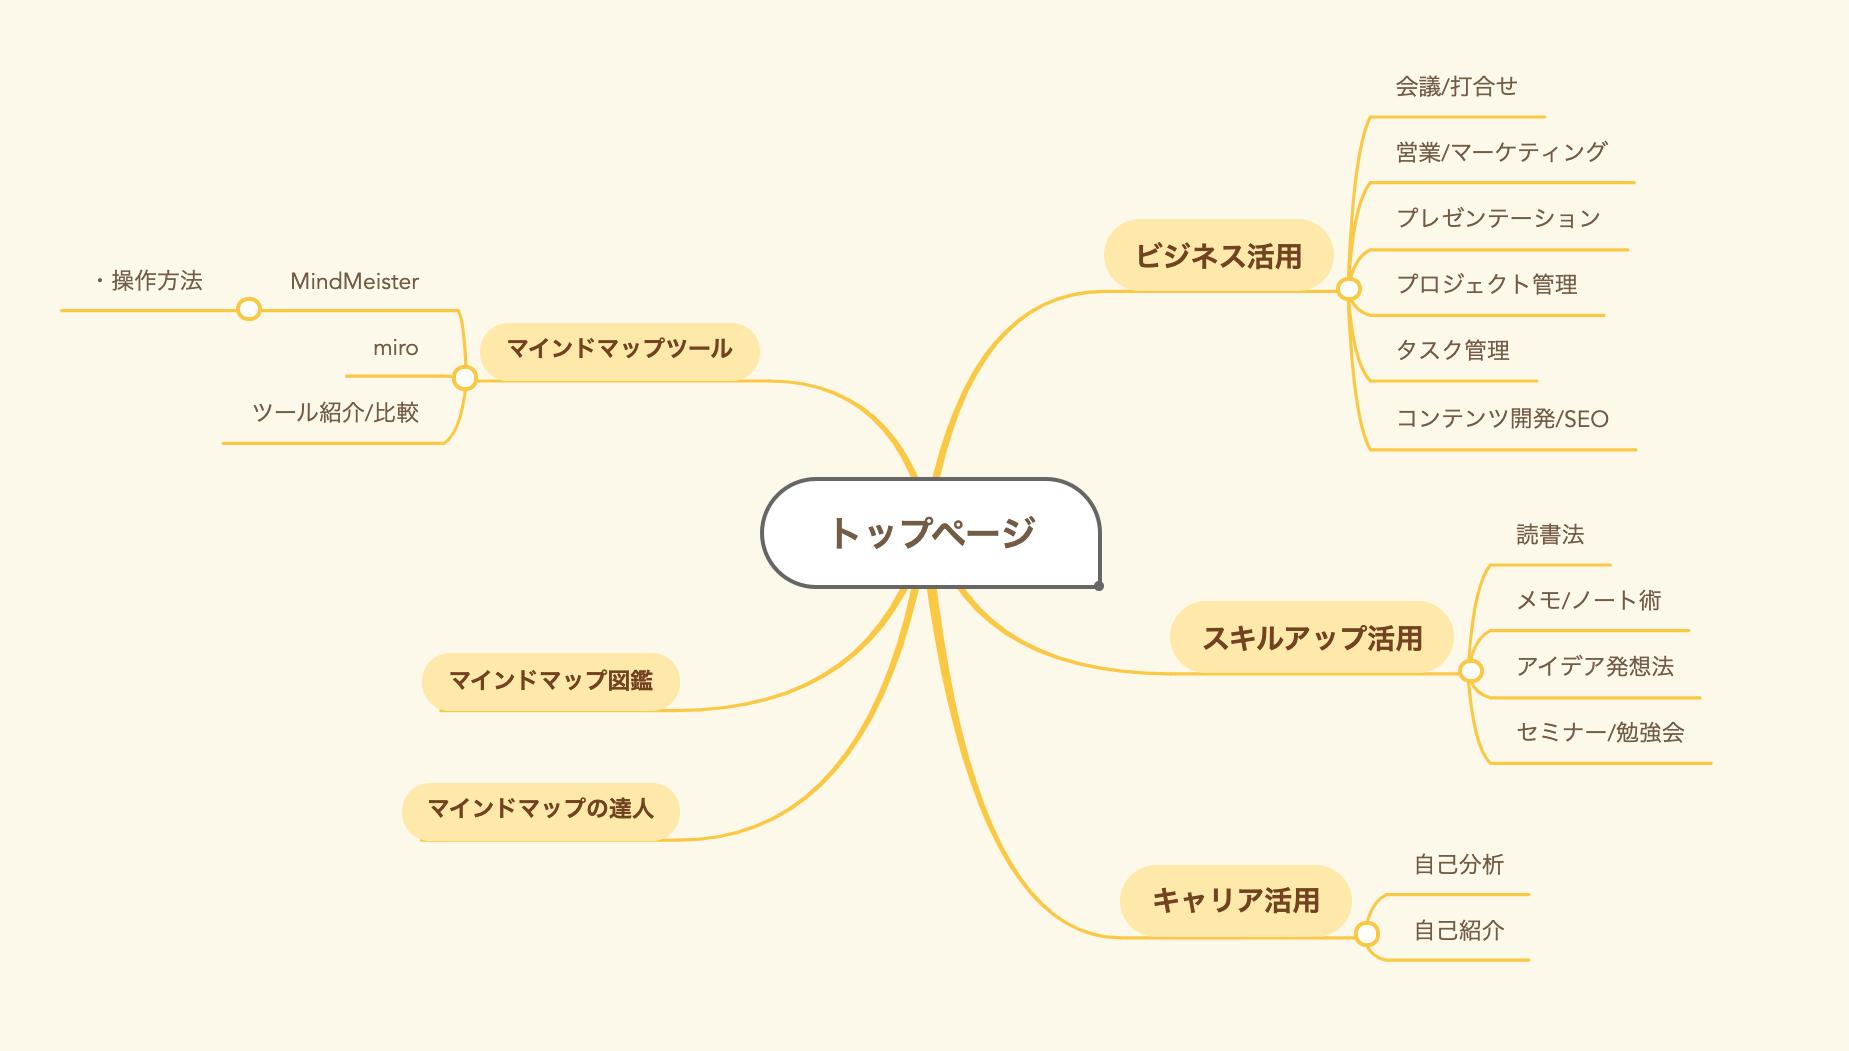 《SEO対策》マインドマップを使ってブログコンテンツのカテゴリを変更した理由とその効果について